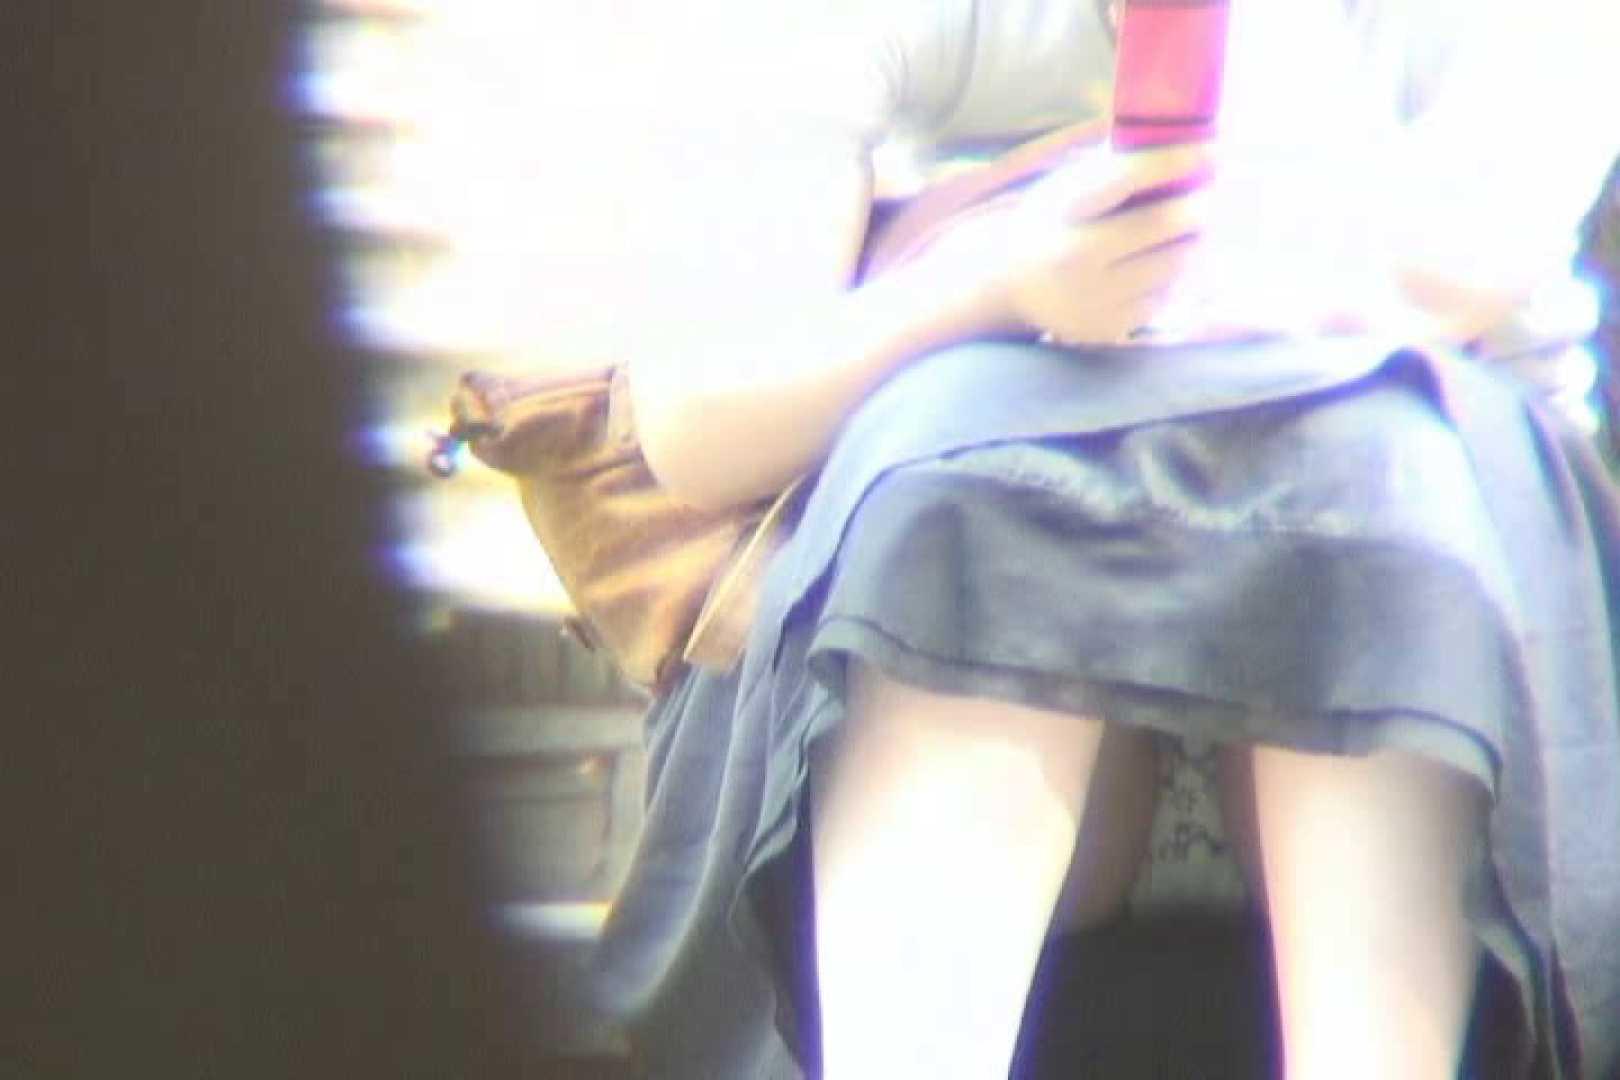 超最新版!春夏秋冬 vol.04 望遠 盗撮動画紹介 98pic 49